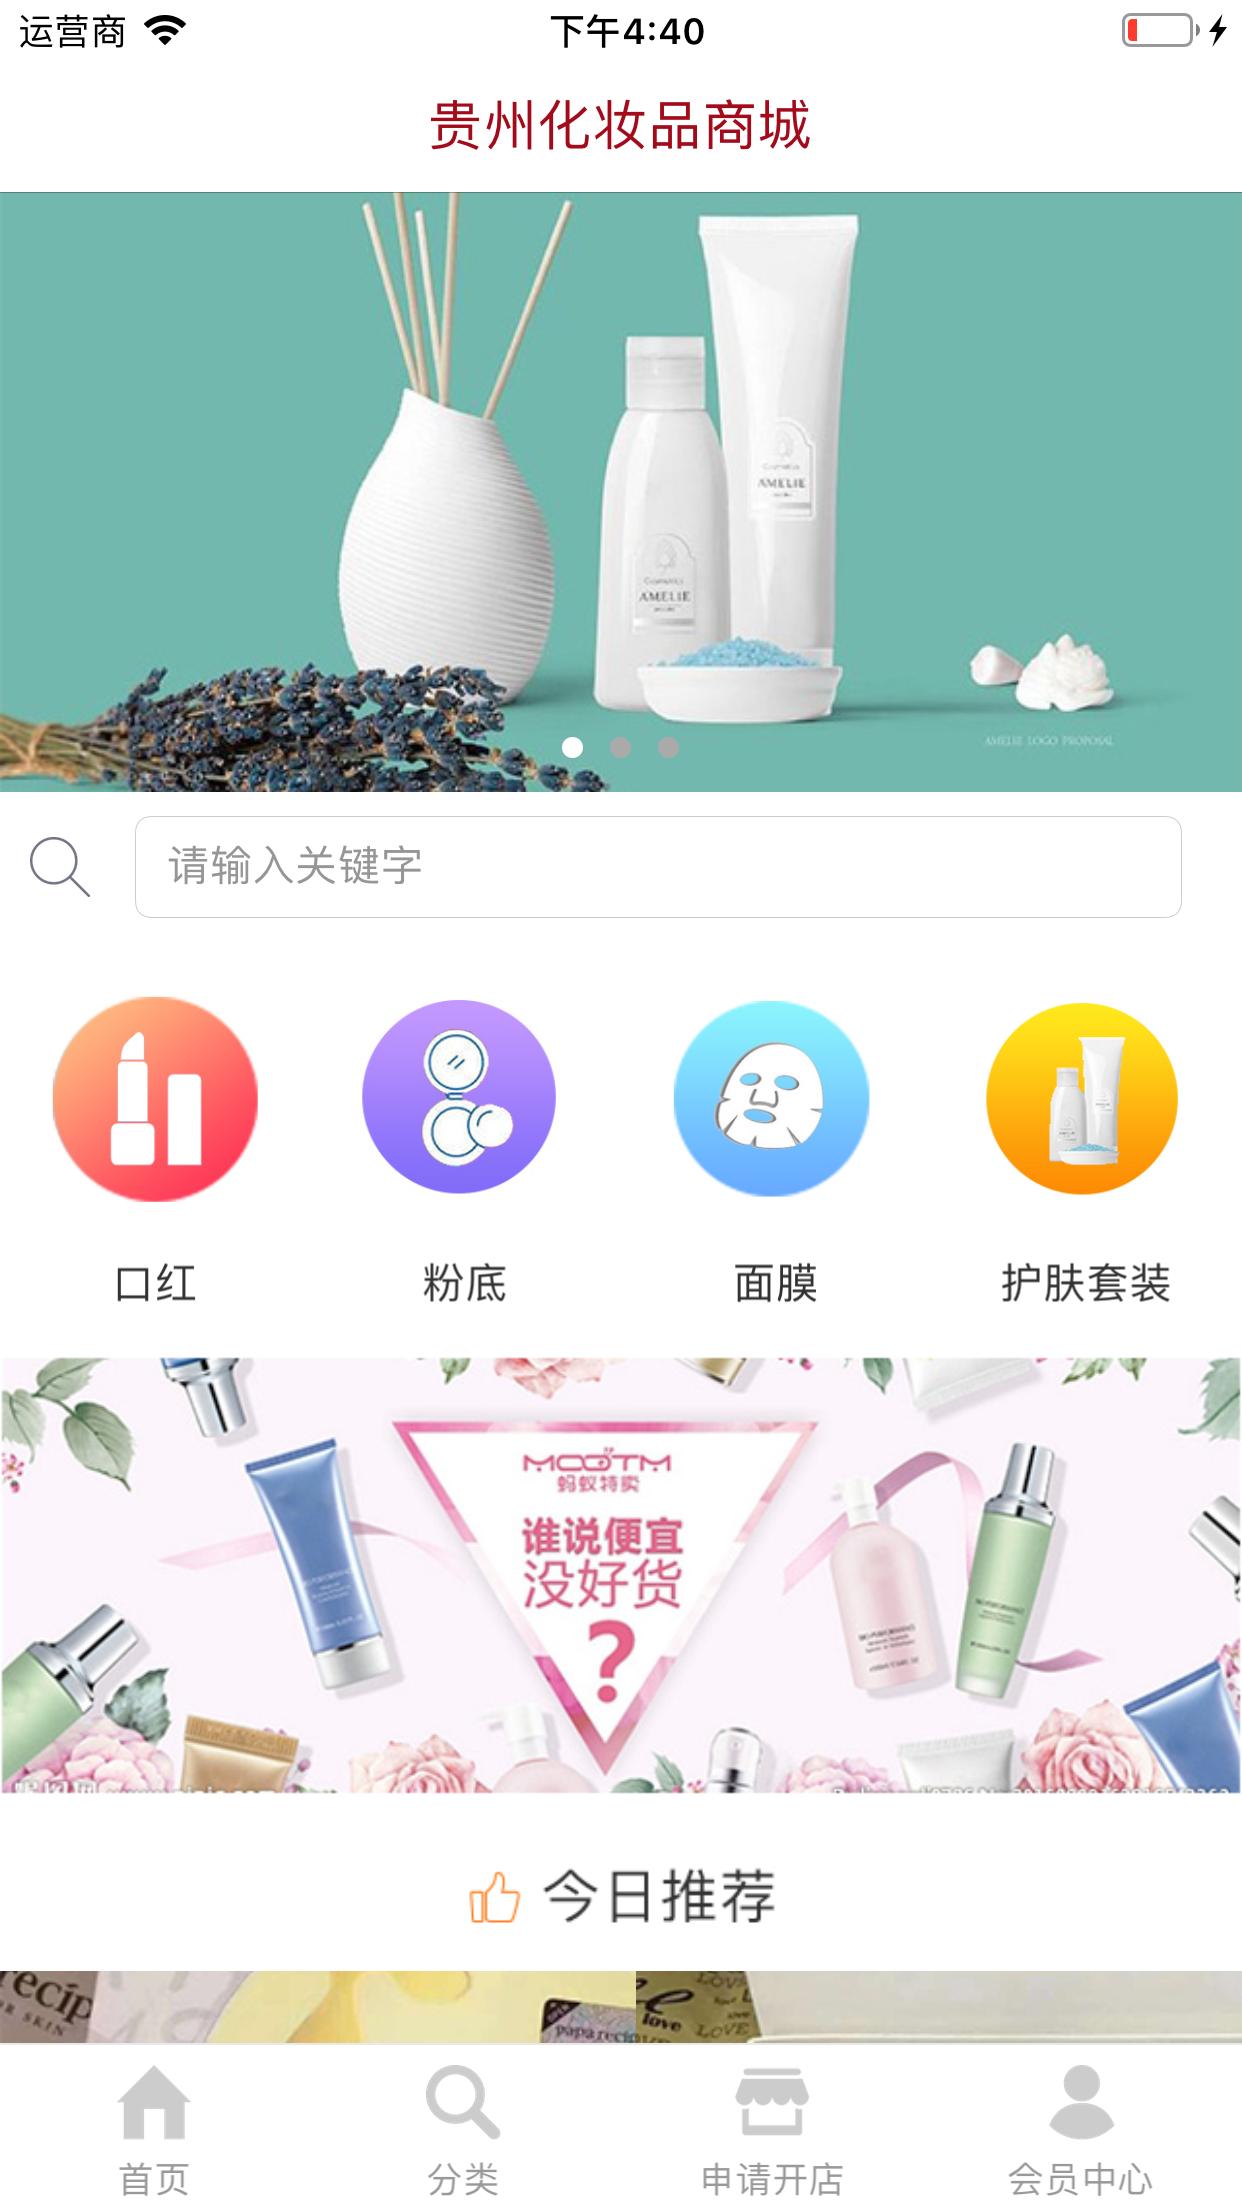 贵州化妆品商城